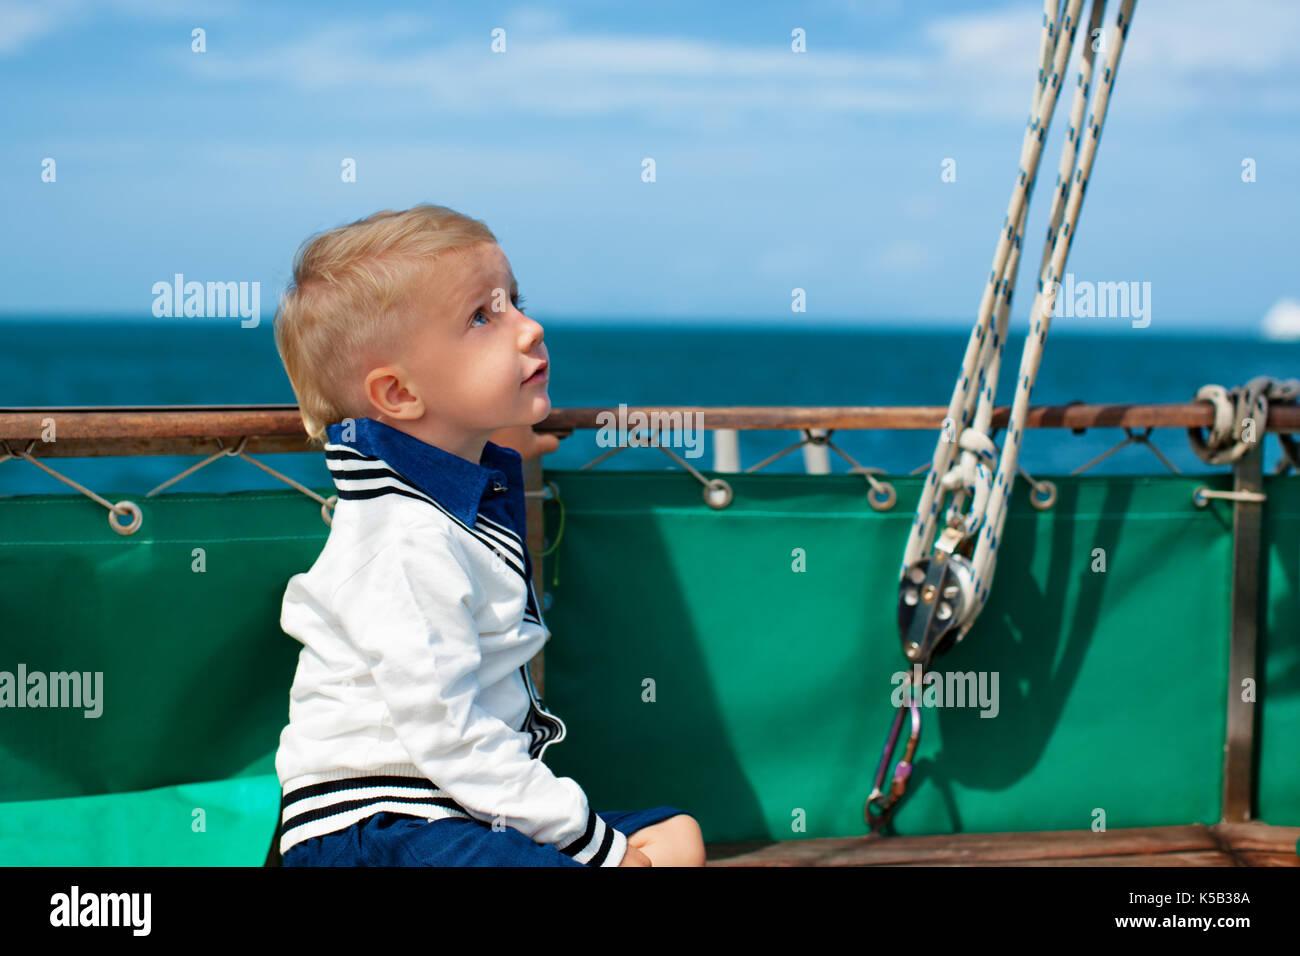 Jeune capitaine joyeux portrait. Heureux l'enfant sur le pont du yacht à voile, ont plaisir à découvrir les îles, voyages en mer tropicale sur croisière d'été. Photo Stock